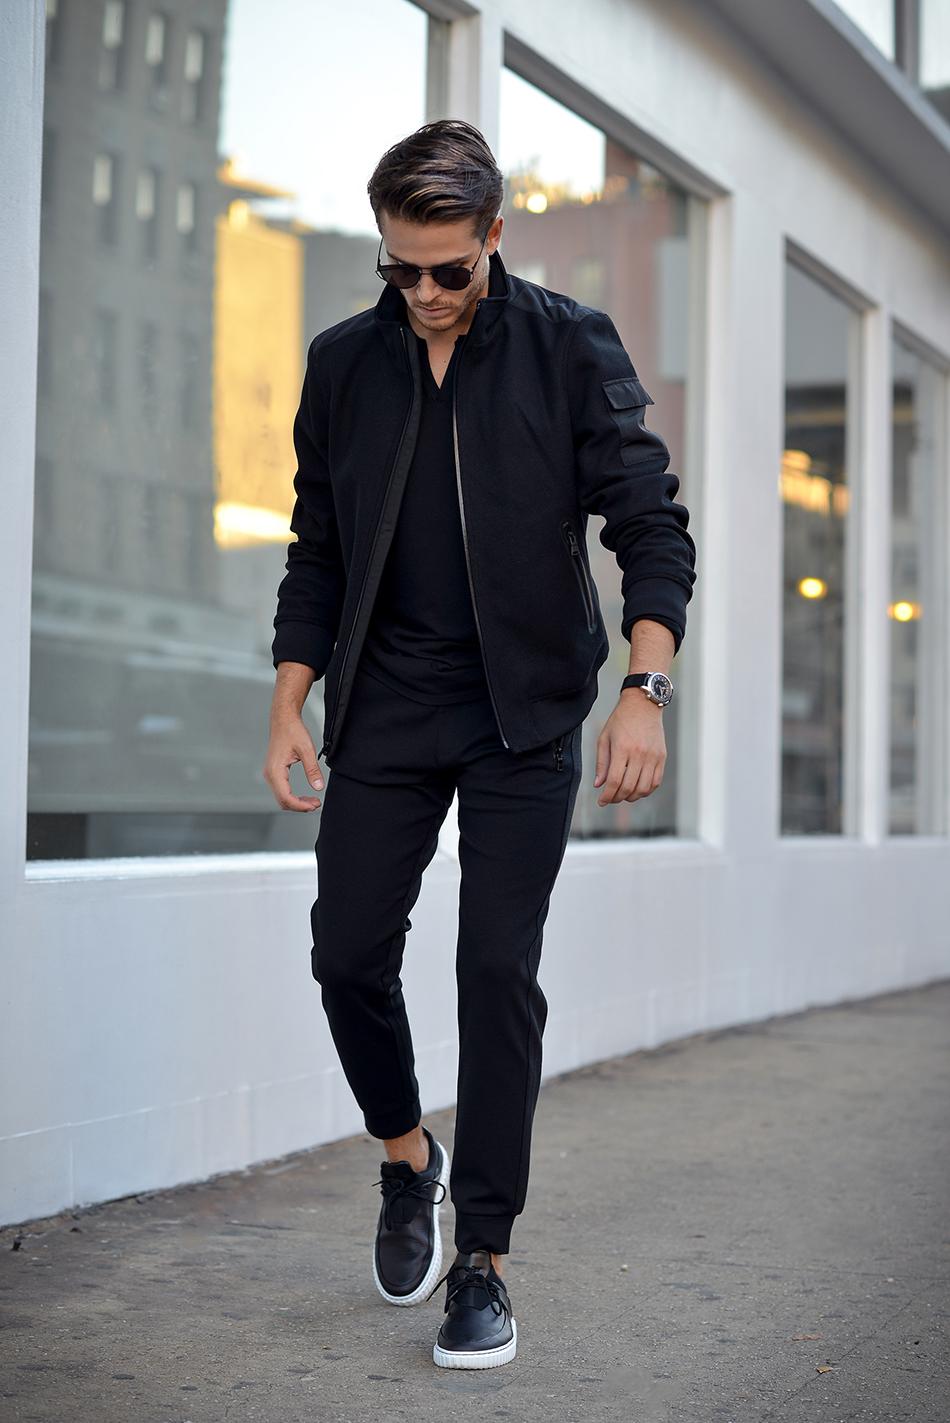 street style adam gallagher  © 2017 iamgalla.com